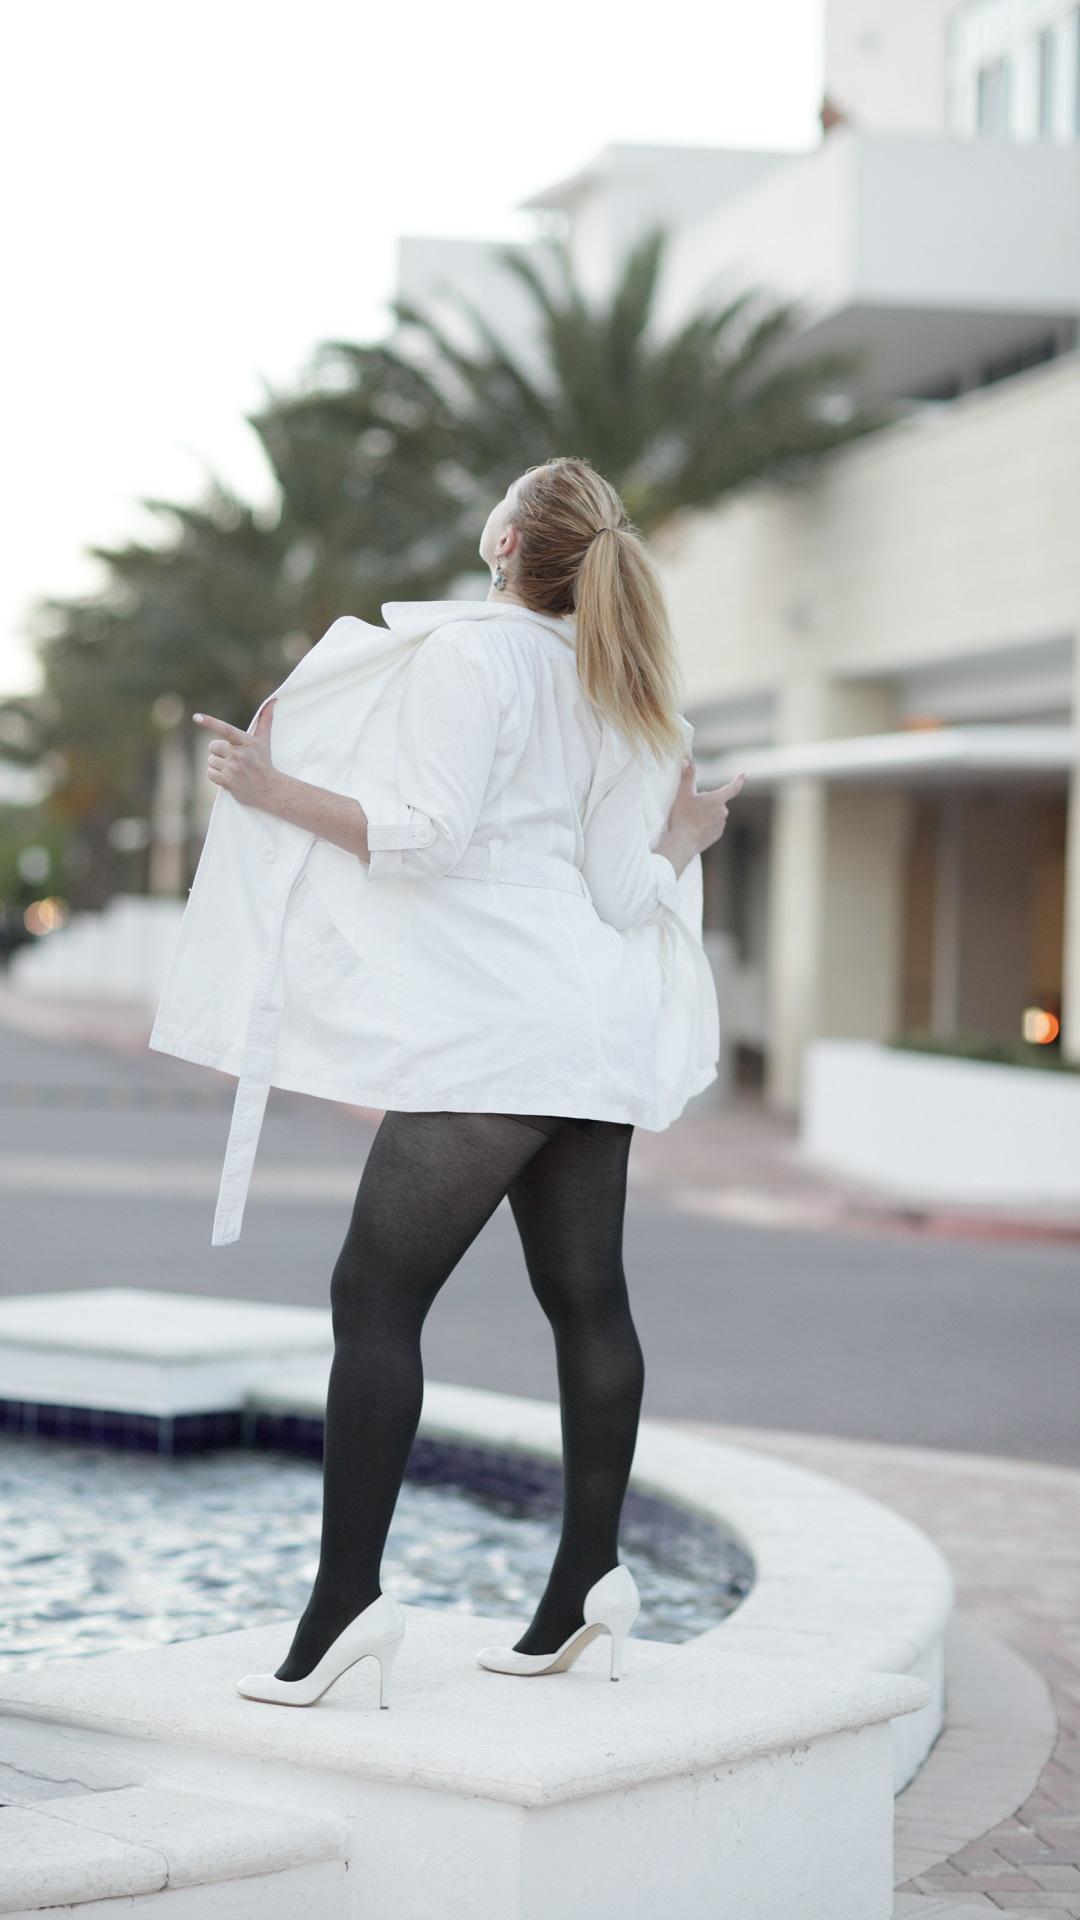 mujer-con-gabardina-blanca-y-mallas-negras-exhibiendose-encima-de-una-fuente